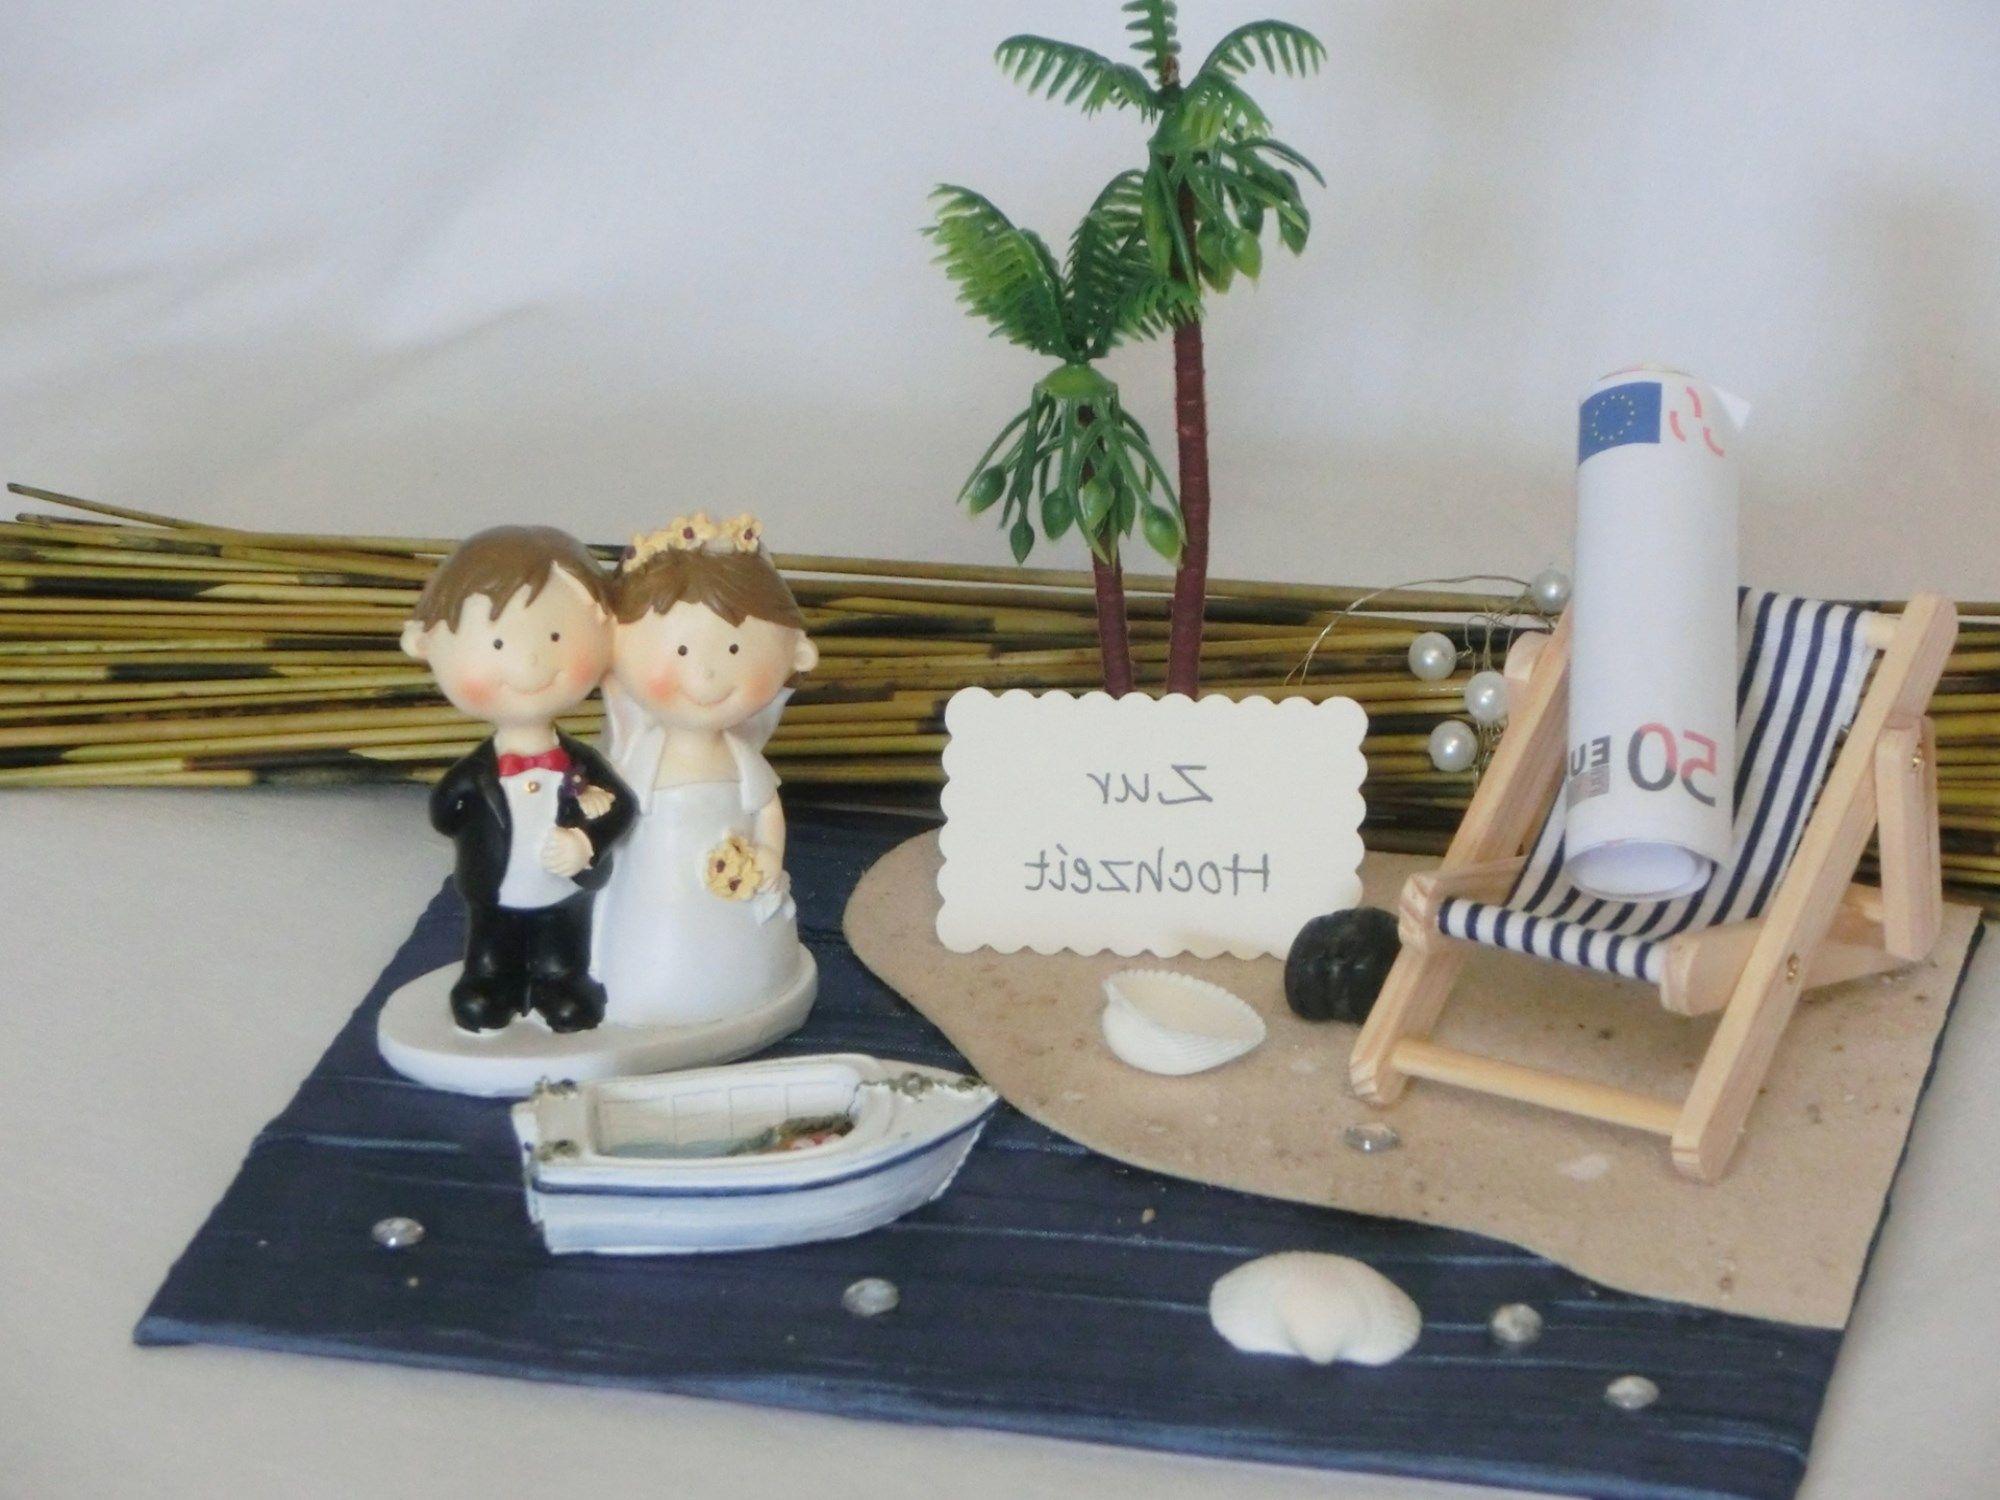 Hochzeitsgeschenk Verpacken Geld Ideen Zur Hochzeit Verpackung